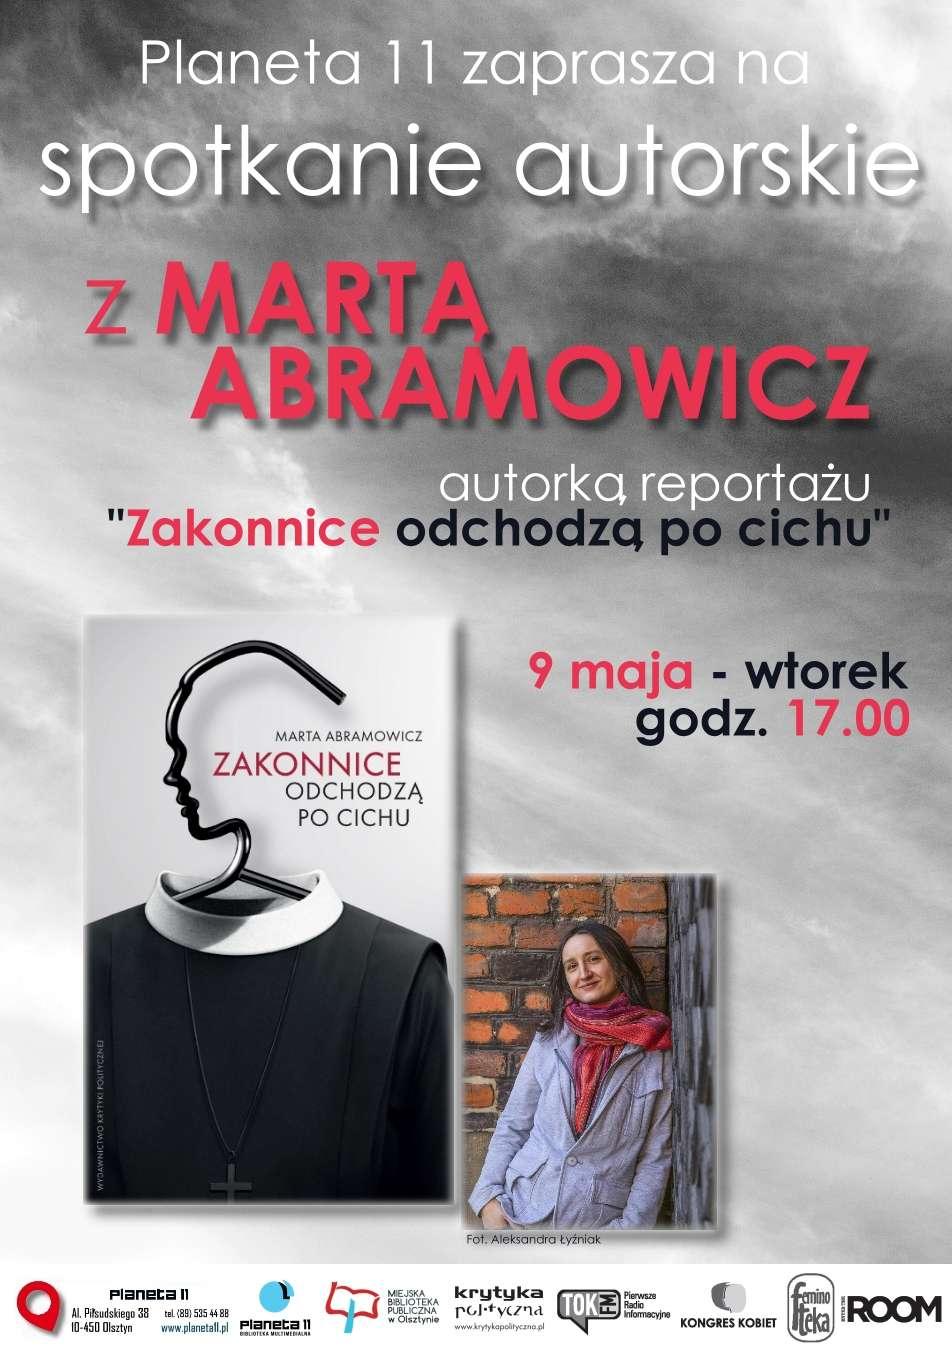 """Spotkanie z Martą Abramowicz, autorką reportażu """"Zakonnice odchodzą po cichu"""" - full image"""